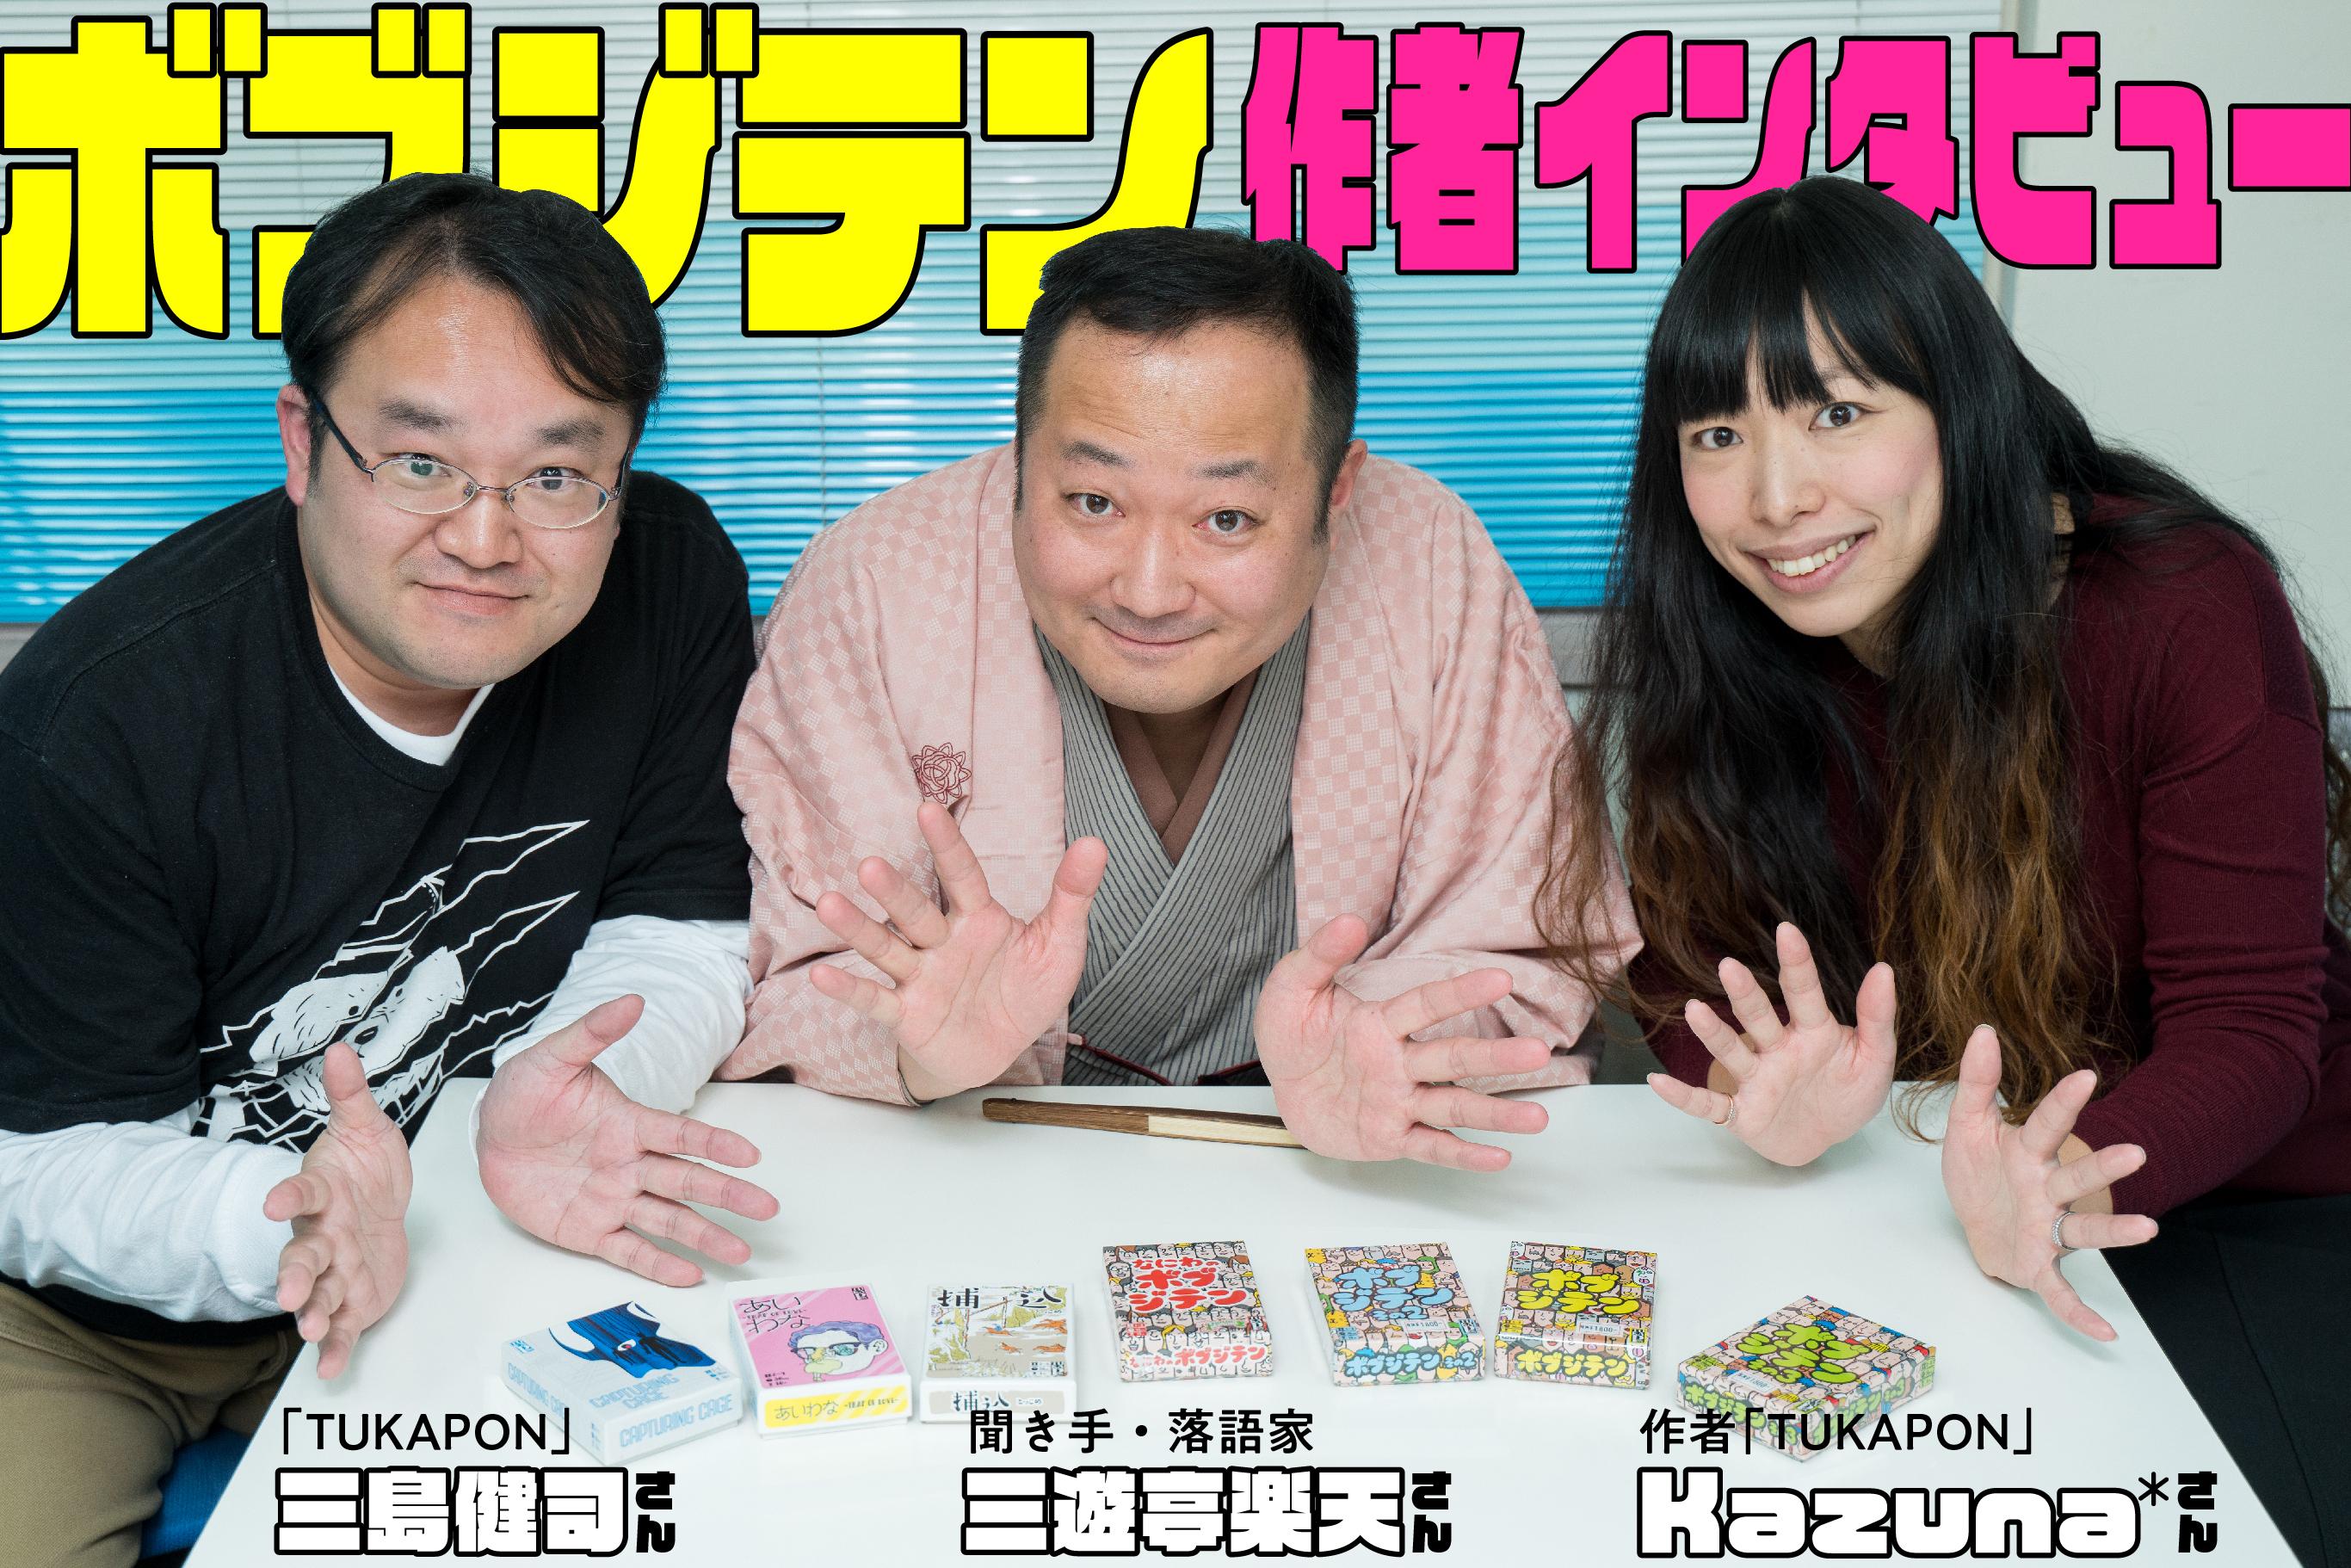 「ボブジテン」はまだまだ序章。誰もがボードゲームを楽しめる世界を目指してーーTUKAPON×三遊亭楽天